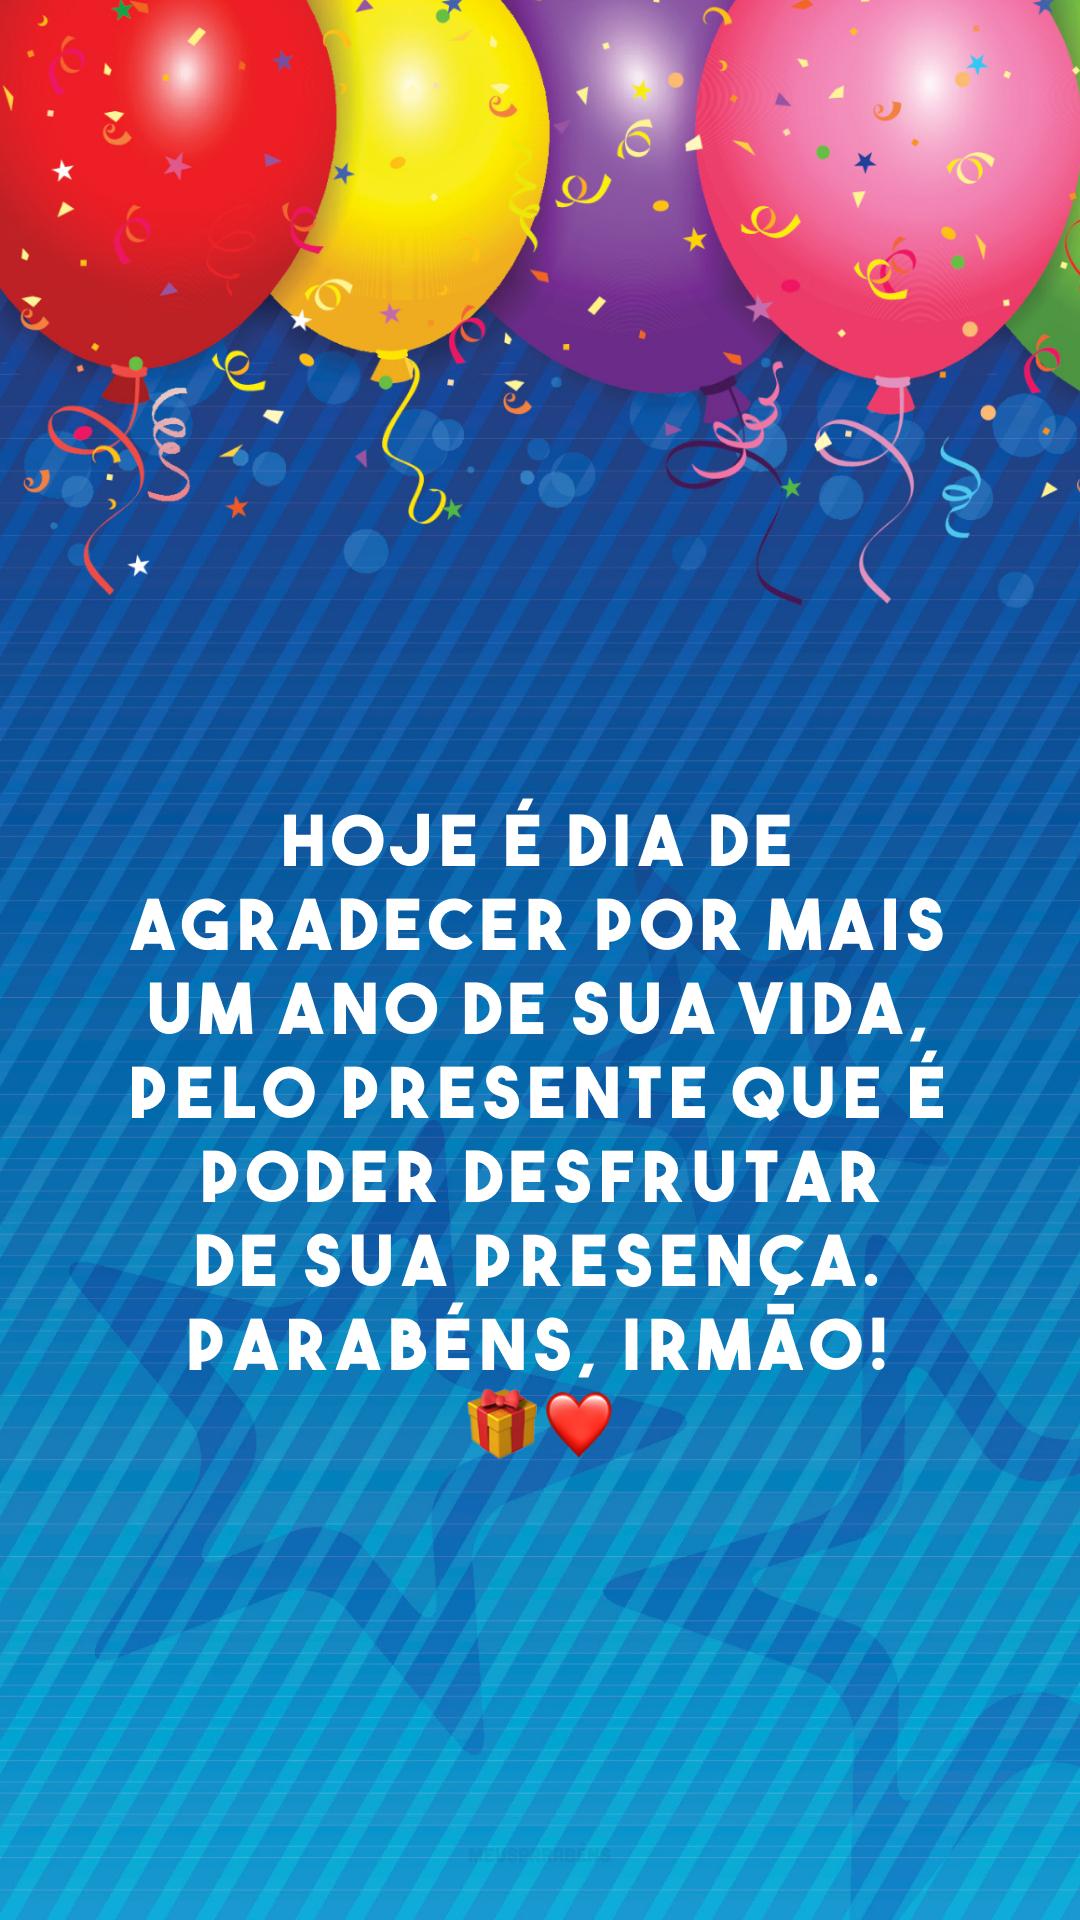 Hoje é dia de agradecer por mais um ano de sua vida, pelo presente que é poder desfrutar de sua presença. Parabéns, irmão! ?❤